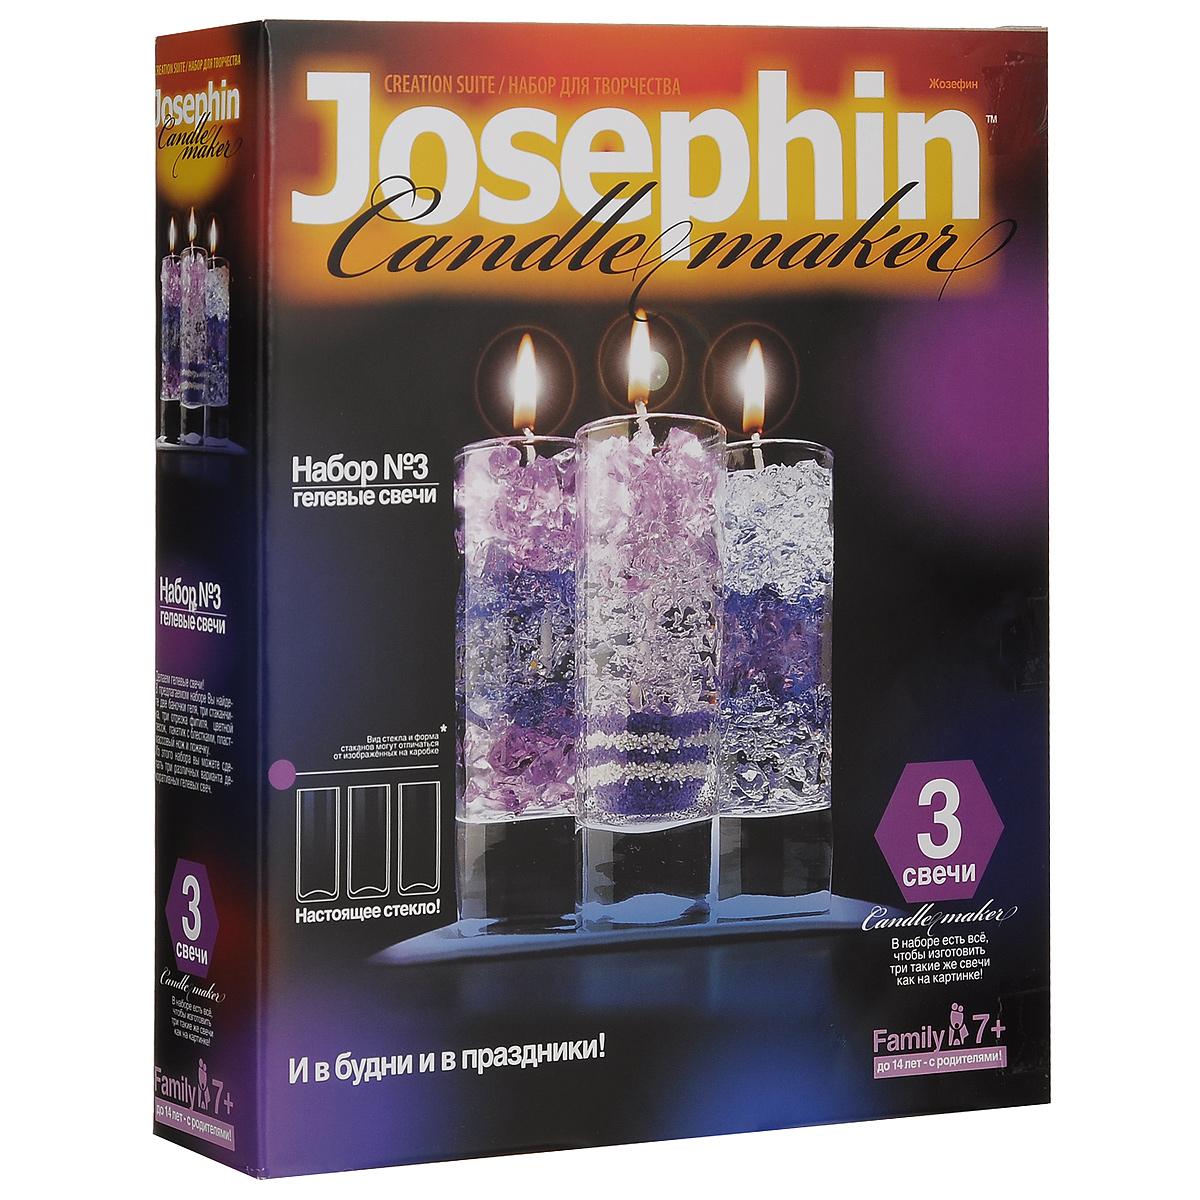 """В наборе для изготовления гелевых свечей """"Josephin №3"""" вы найдете две баночки геля, три стаканчика, три отрезка фитиля, цветной песок, пакетик с блестками, пластмассовый нож, ложечку и подробную инструкцию по работе с набором. Из этого набора вы сможете изготовить три различных варианта декоративных гелевых свечей. Кто не мечтал о своем """"маленьком свечном заводике""""? Вот он! Праздник, семейное торжество или обычный день - набор отлично подойдет для подарка, для эксклюзивно изготовленного украшения праздника или просто позволит увлекательно и уютно провести вечер в семейном кругу. Это своего рода соревнование в фантазии и вкусе, изобретательности и декоративном таланте. Огромное количество всевозможных узоров, красок, эффектов. Создай свою коллекцию! Детям до 14 лет под присмотром родителей."""